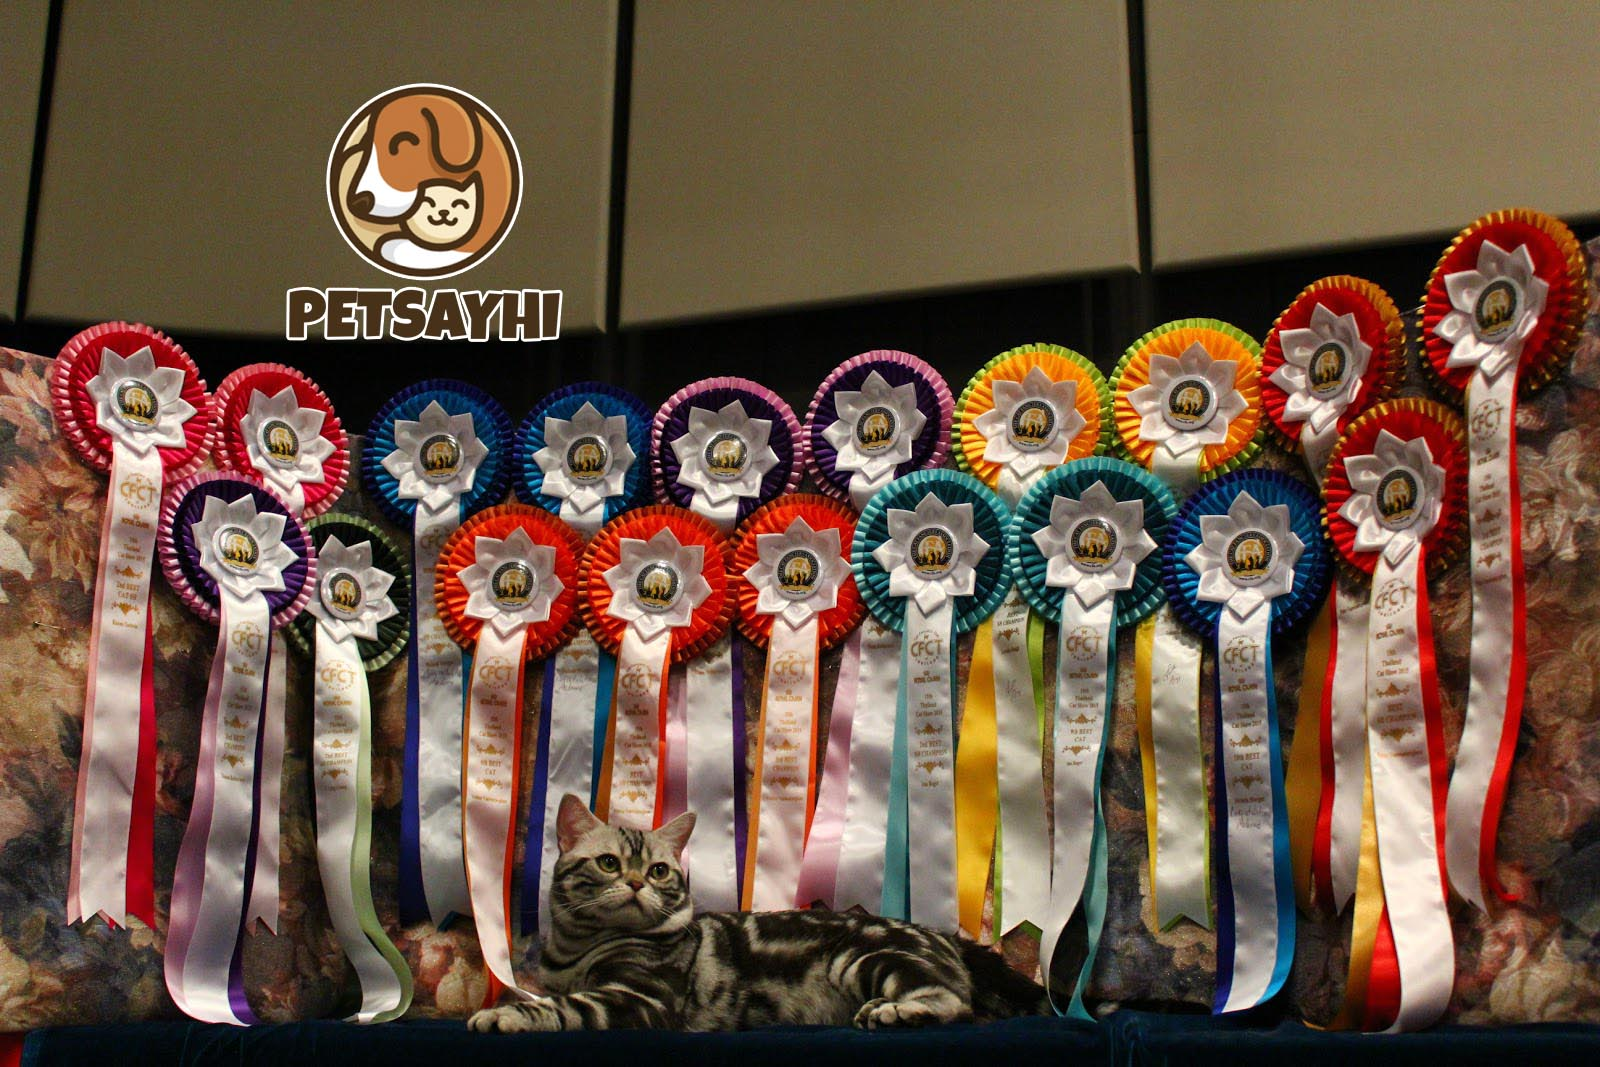 5 อันดับ ฟาร์มแมวคุณภาพในไทย